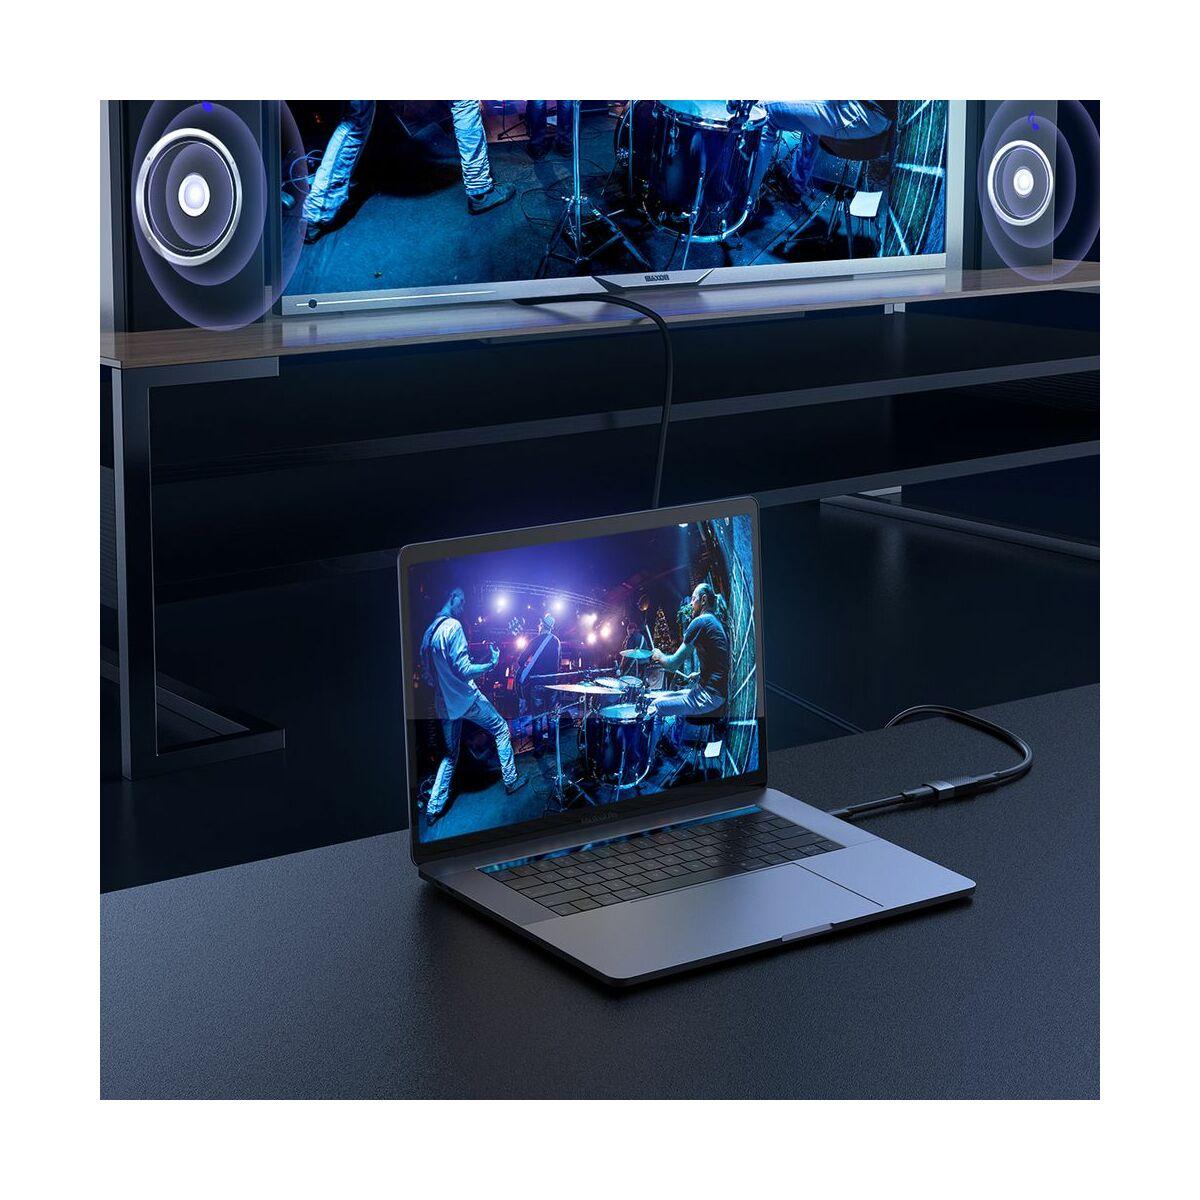 Baseus Videó átalakító, HDMI toldó adapter, 4K felbontás, sötét szürke (CAFDQ-0G)